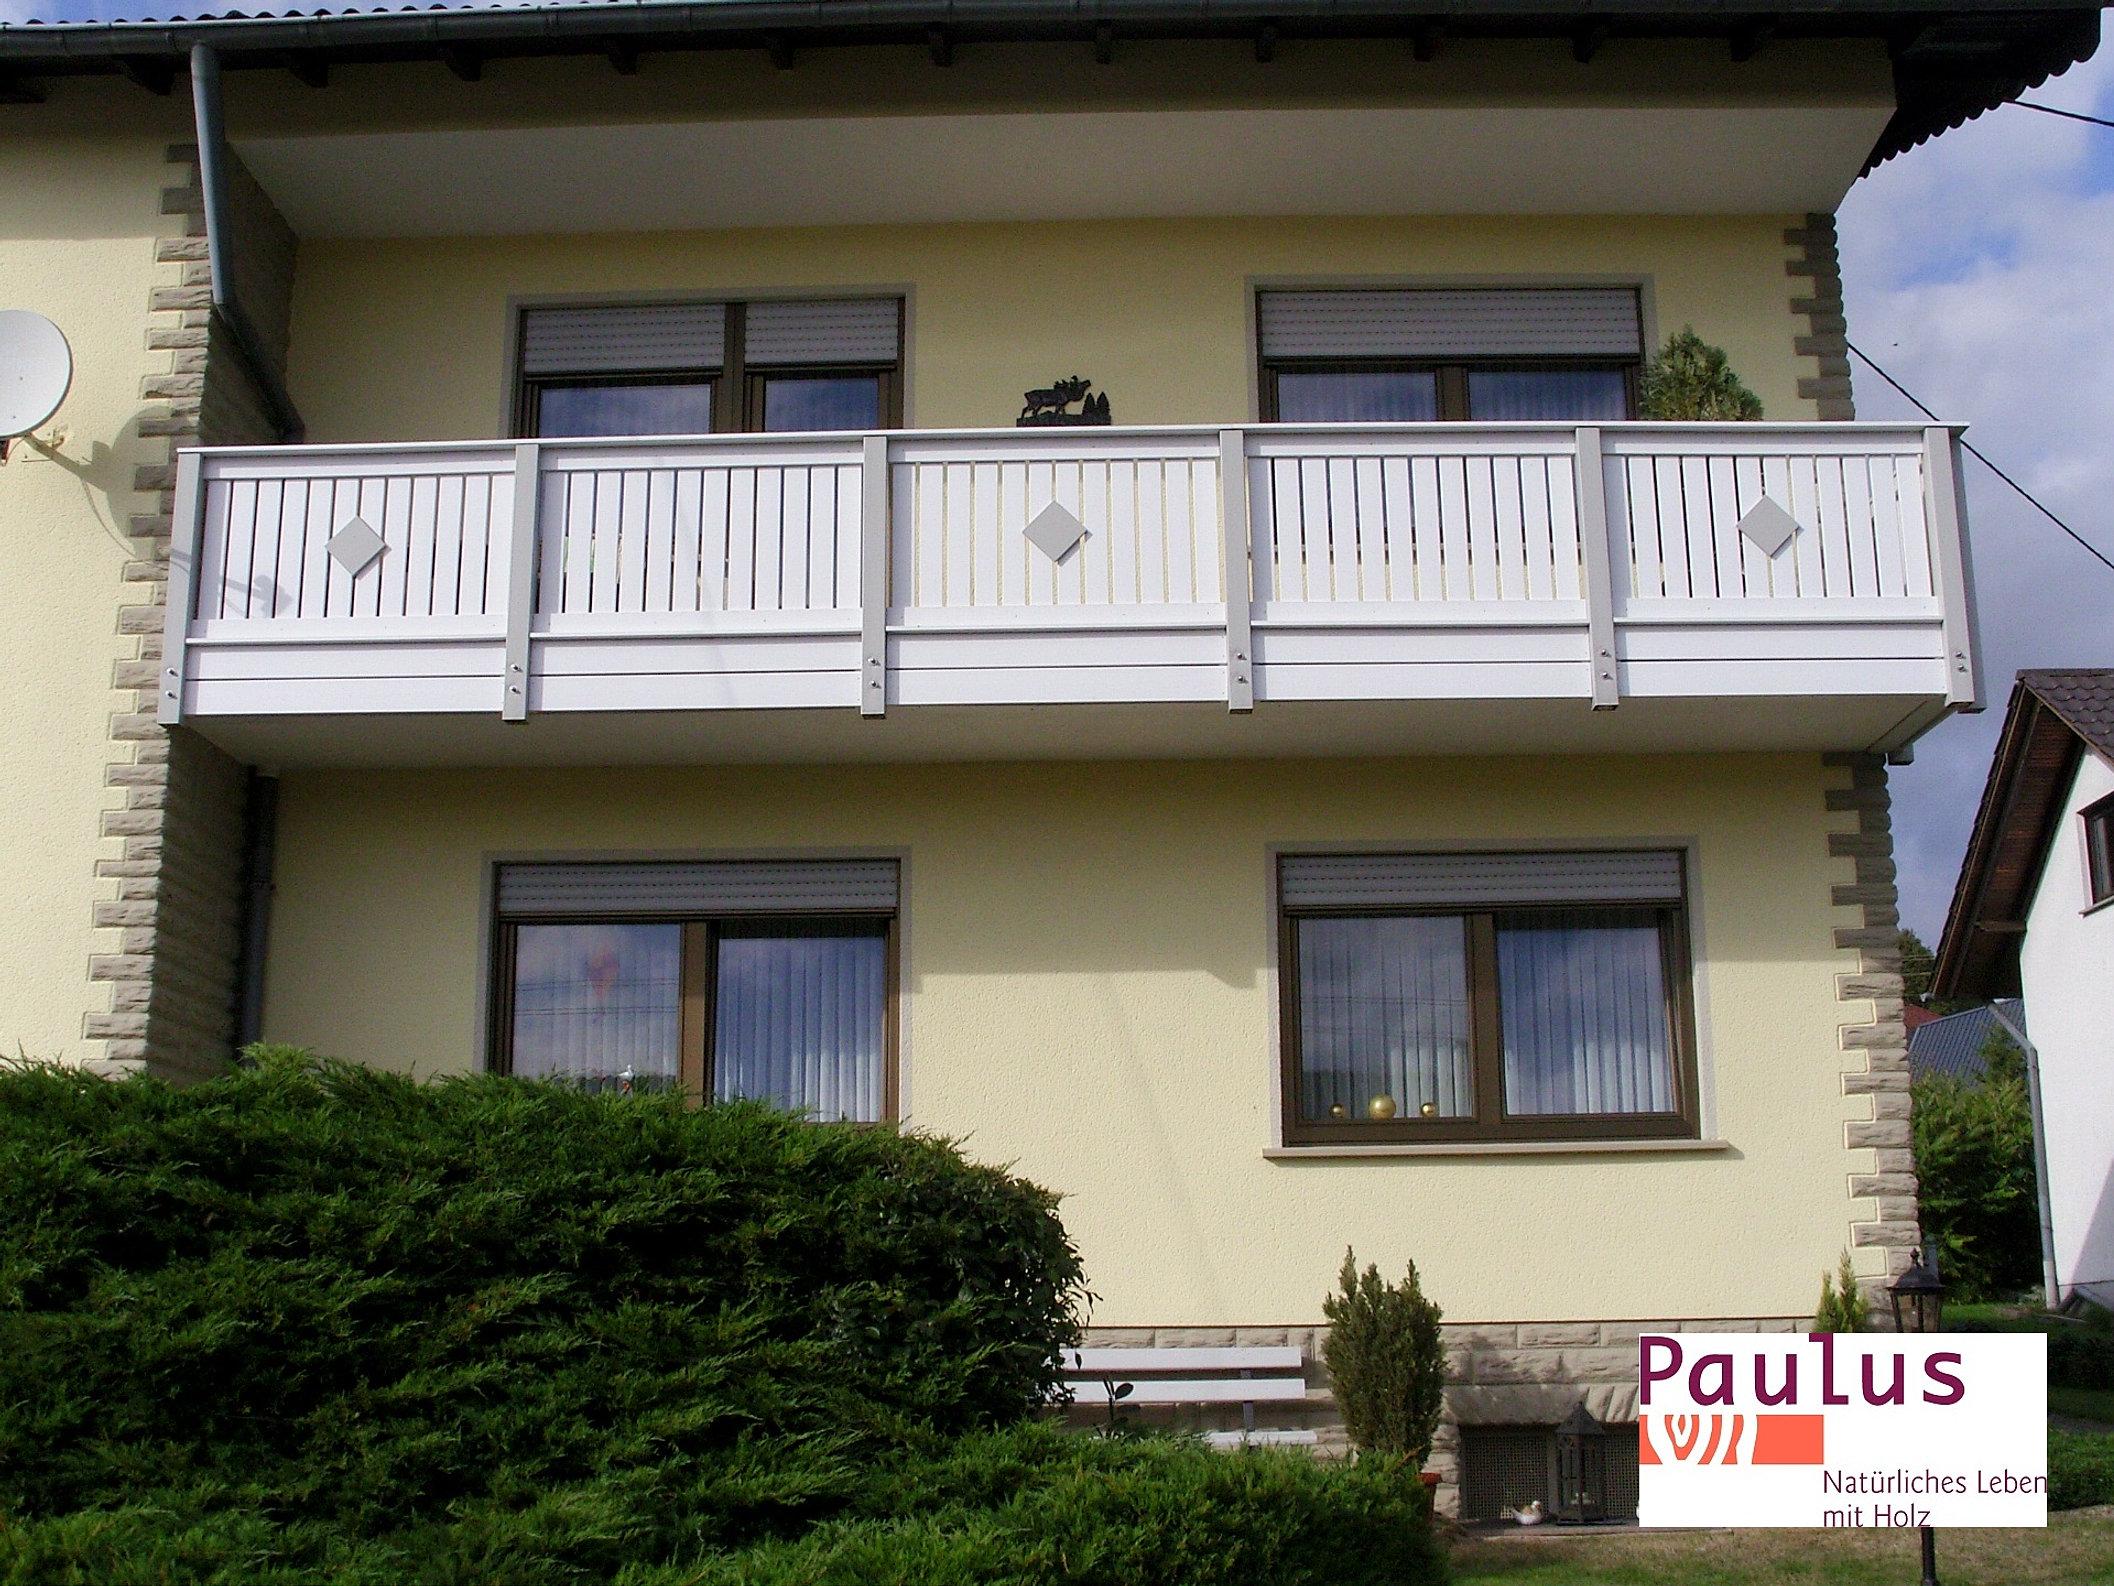 holz paulus wadern balkon balkongel nder aus holz alu und kunststoff. Black Bedroom Furniture Sets. Home Design Ideas